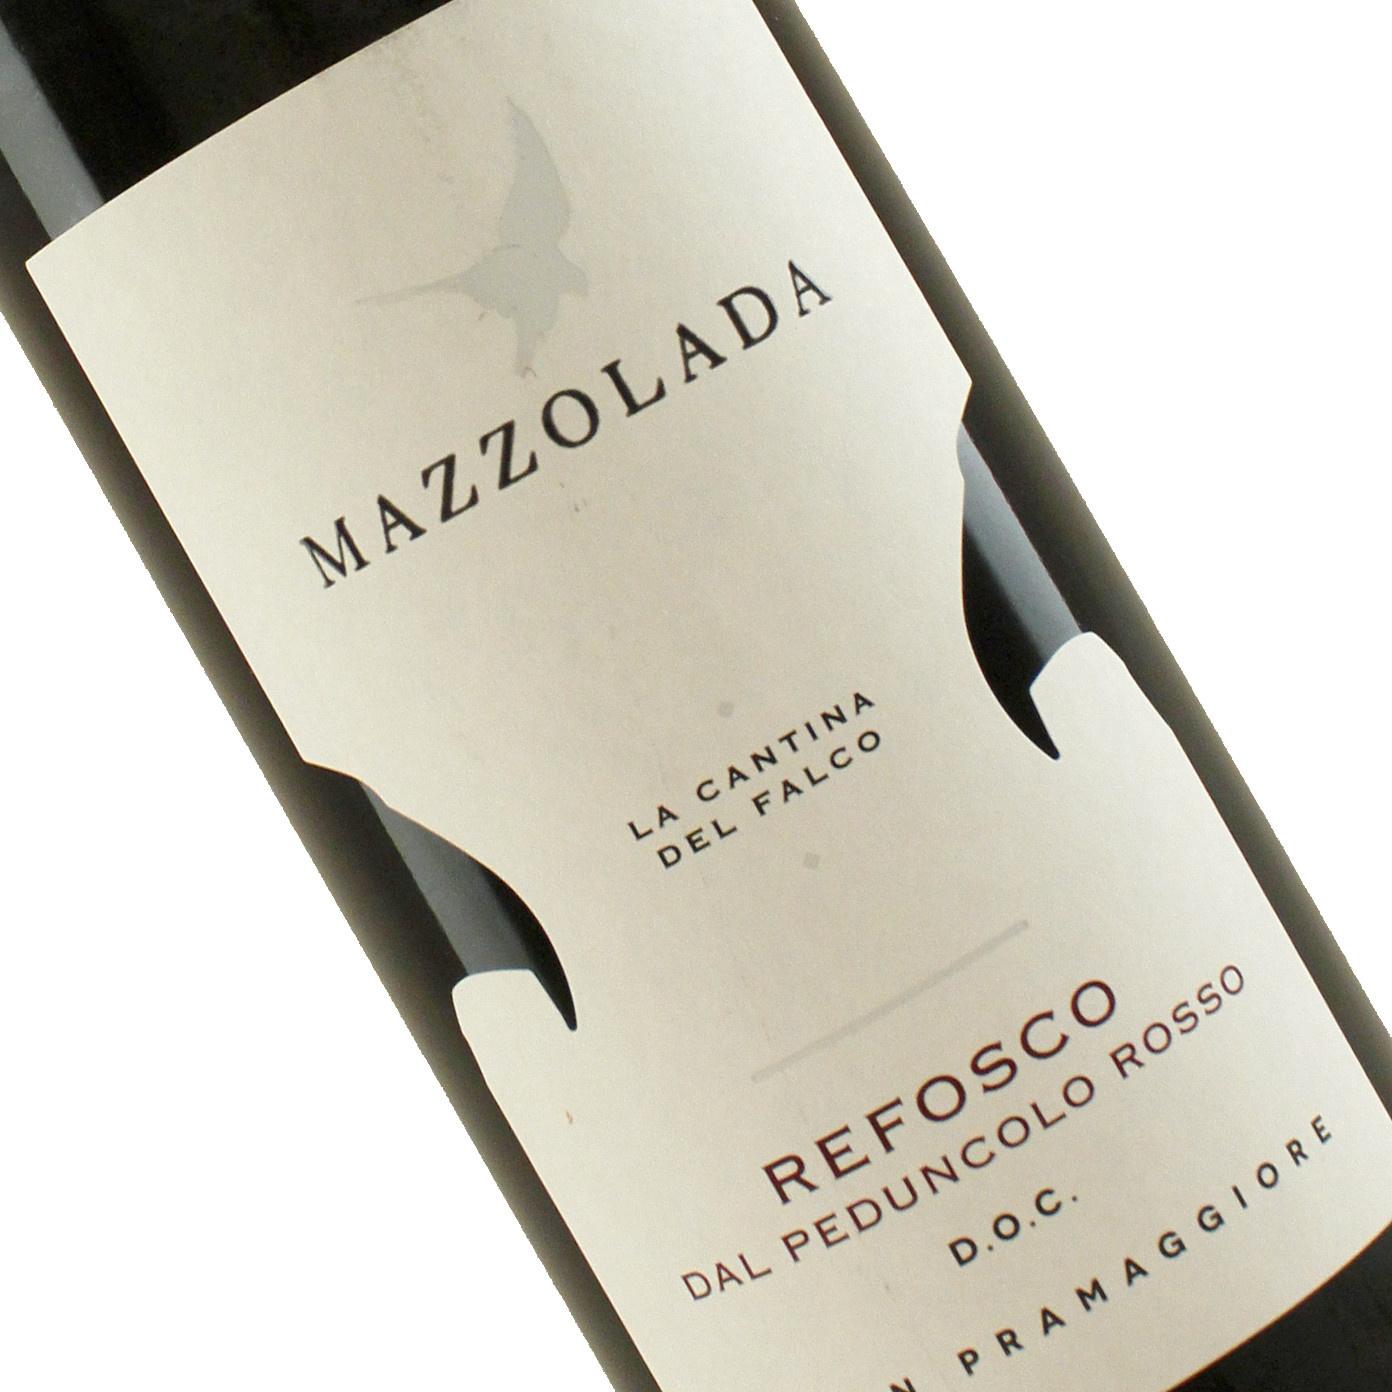 Mazzolada 2019 Refosco dal Peduncolo Rosso,  Veneto